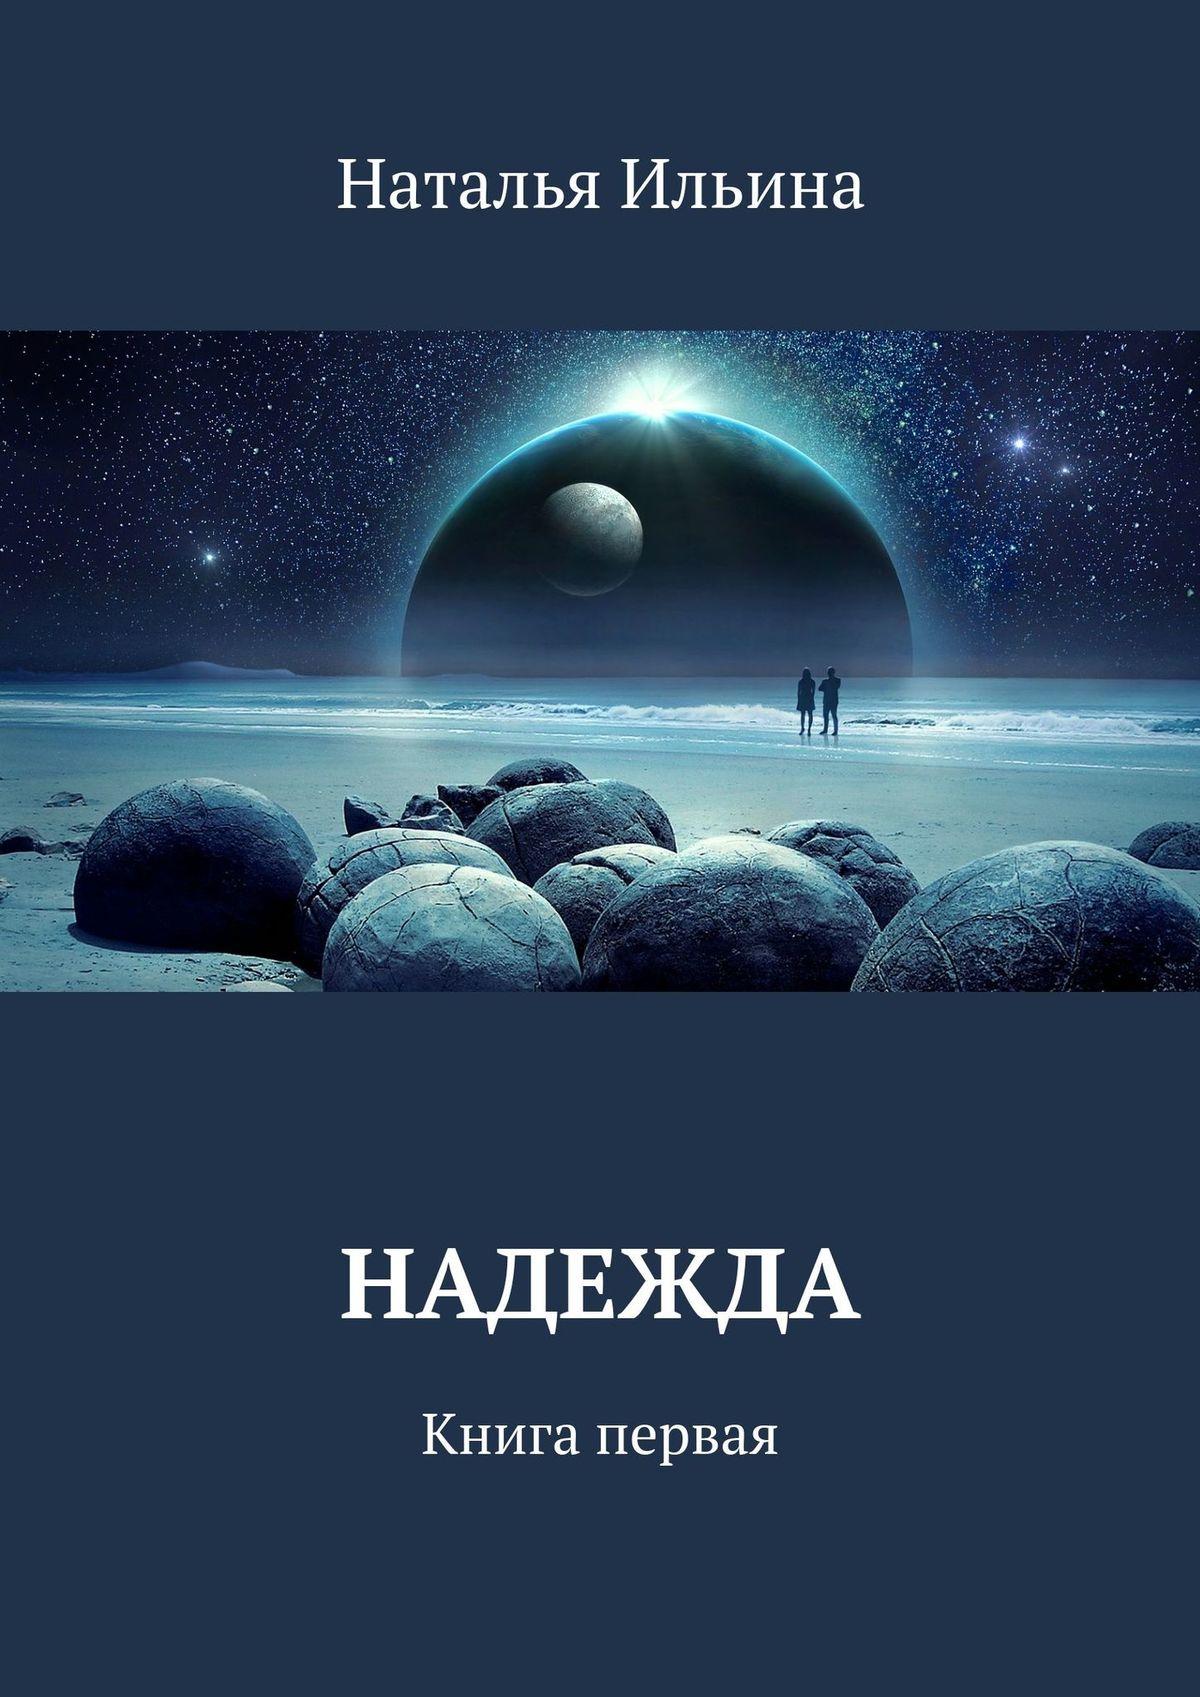 Надежда. Книга первая